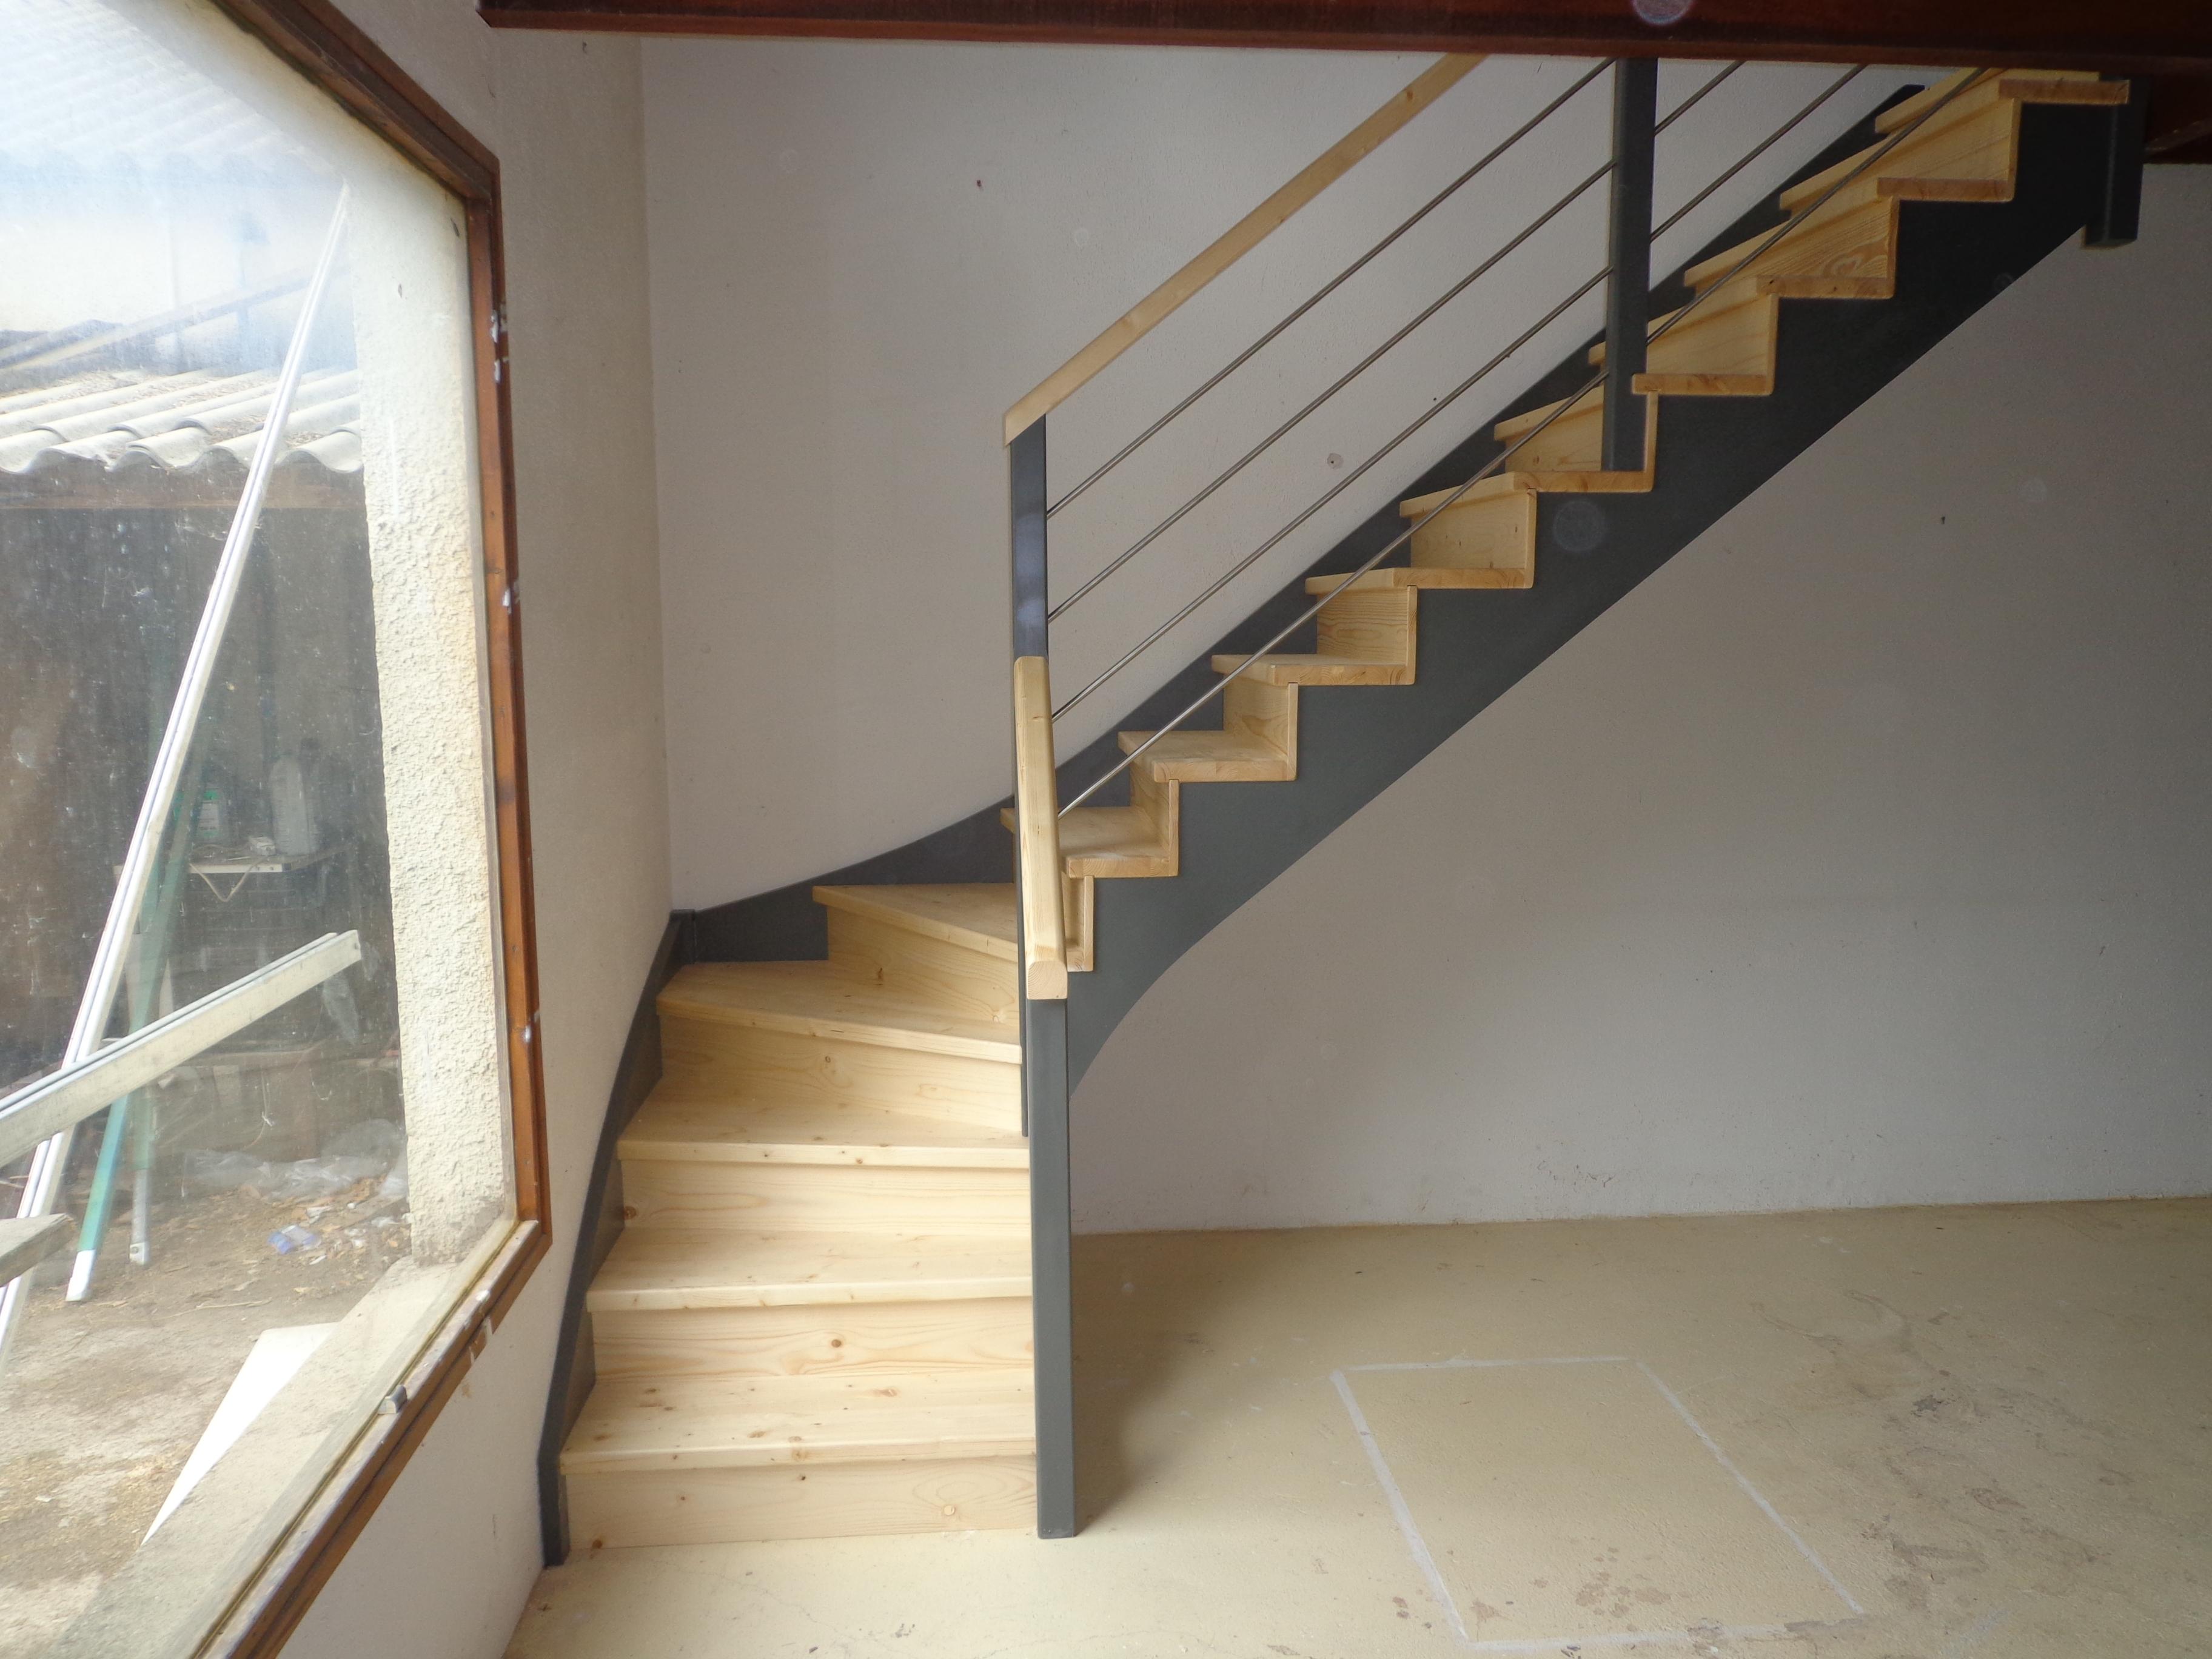 escalier quart tournant aspect moderne